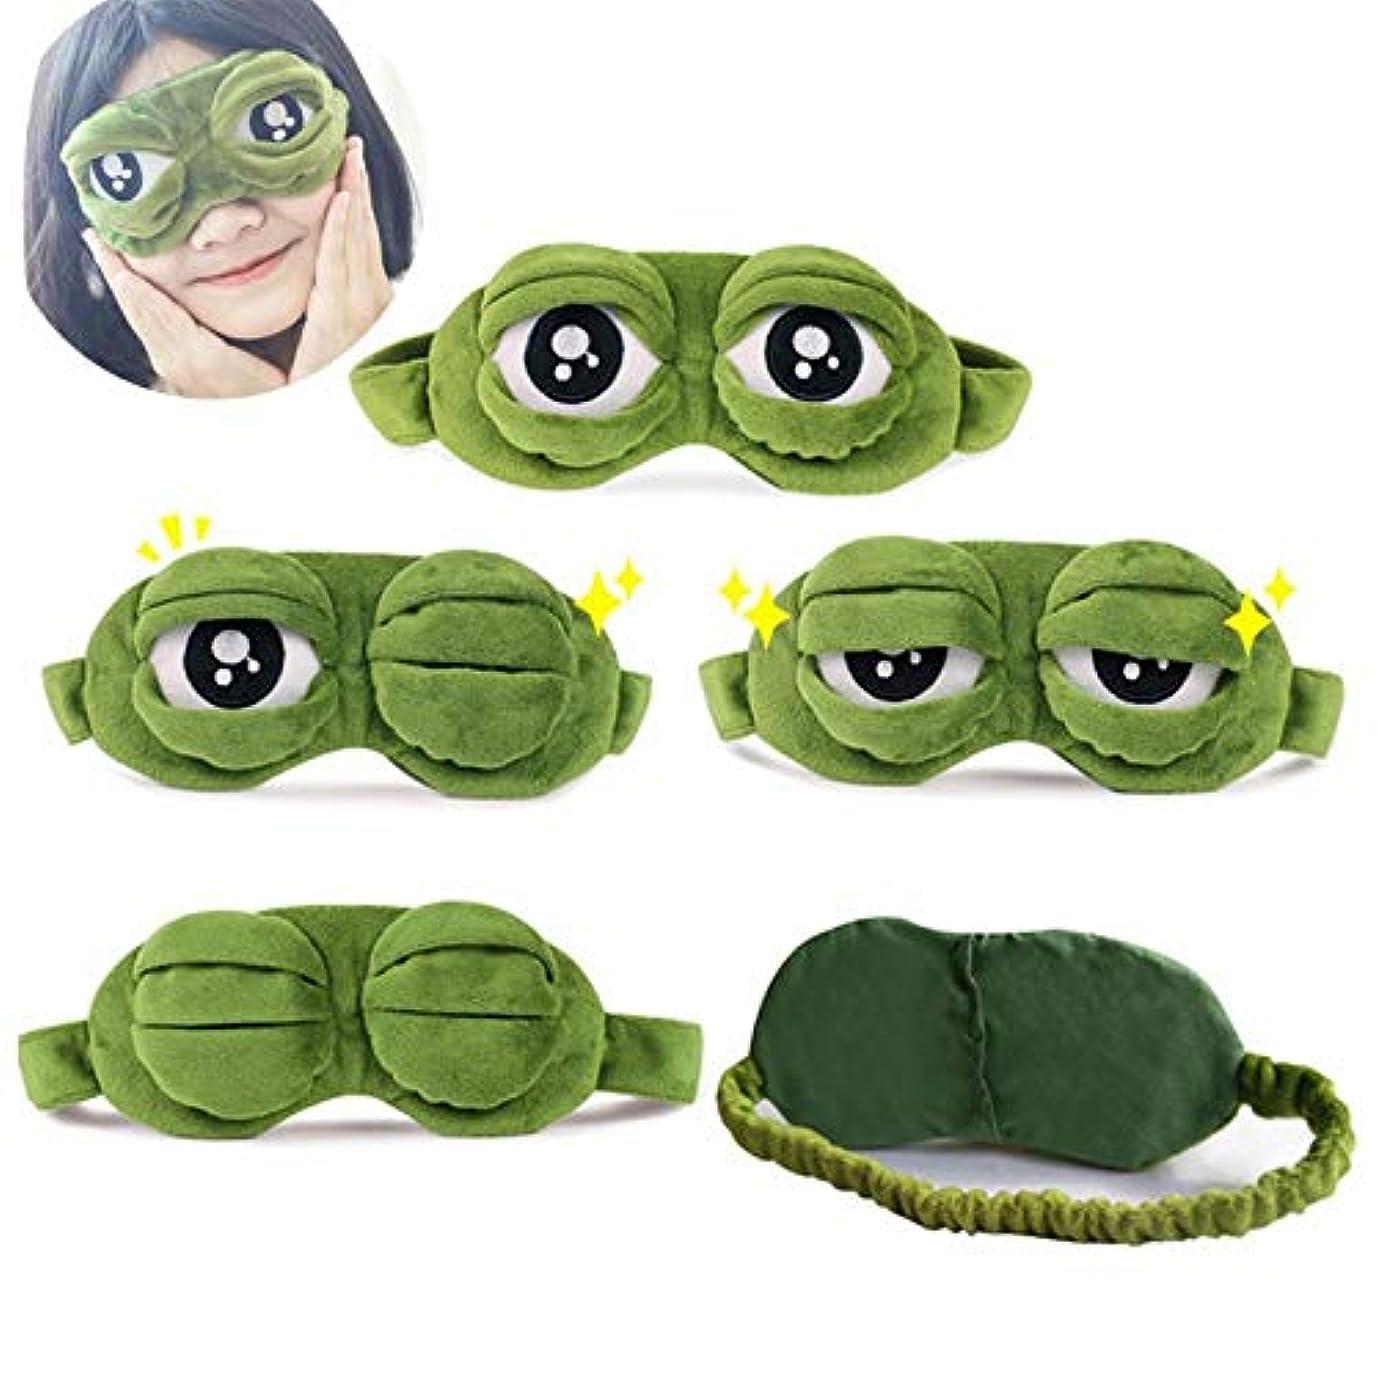 発行するミントブリード注かわいい目のマスクカバーぬいぐるみ悲しい3Dカエルグリーンアイマスクカバーリラックス眠り残り旅行睡眠アニメ面白いギフト美容ゴーグル